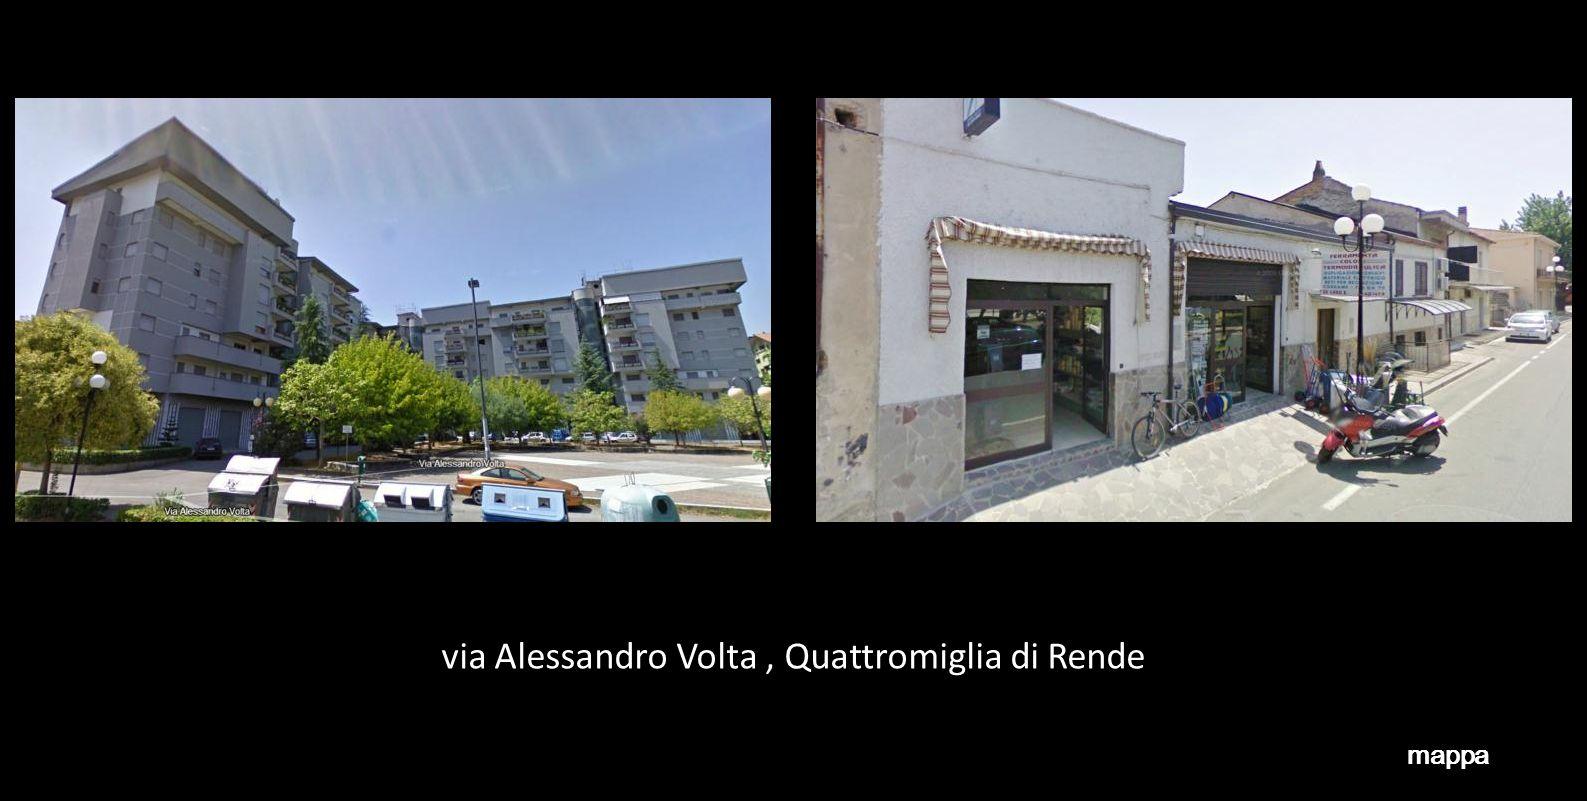 via Alessandro Volta , Quattromiglia di Rende